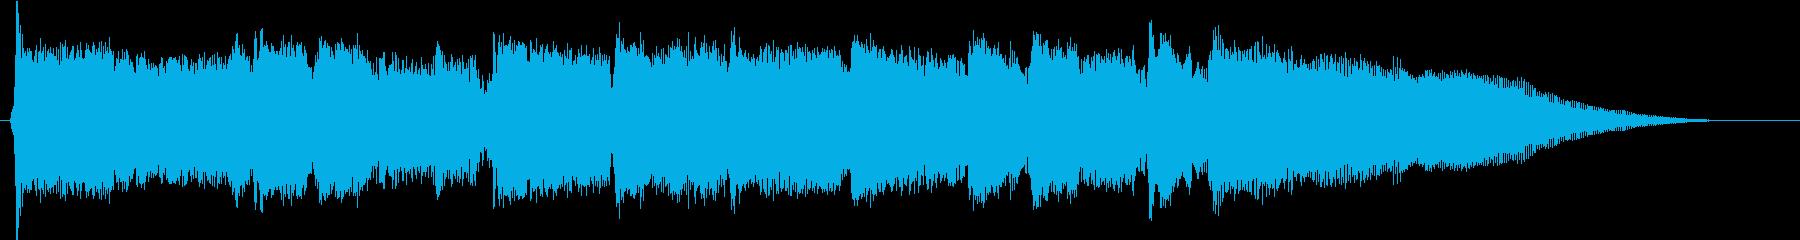 ジングル のどかなバイオリンの再生済みの波形